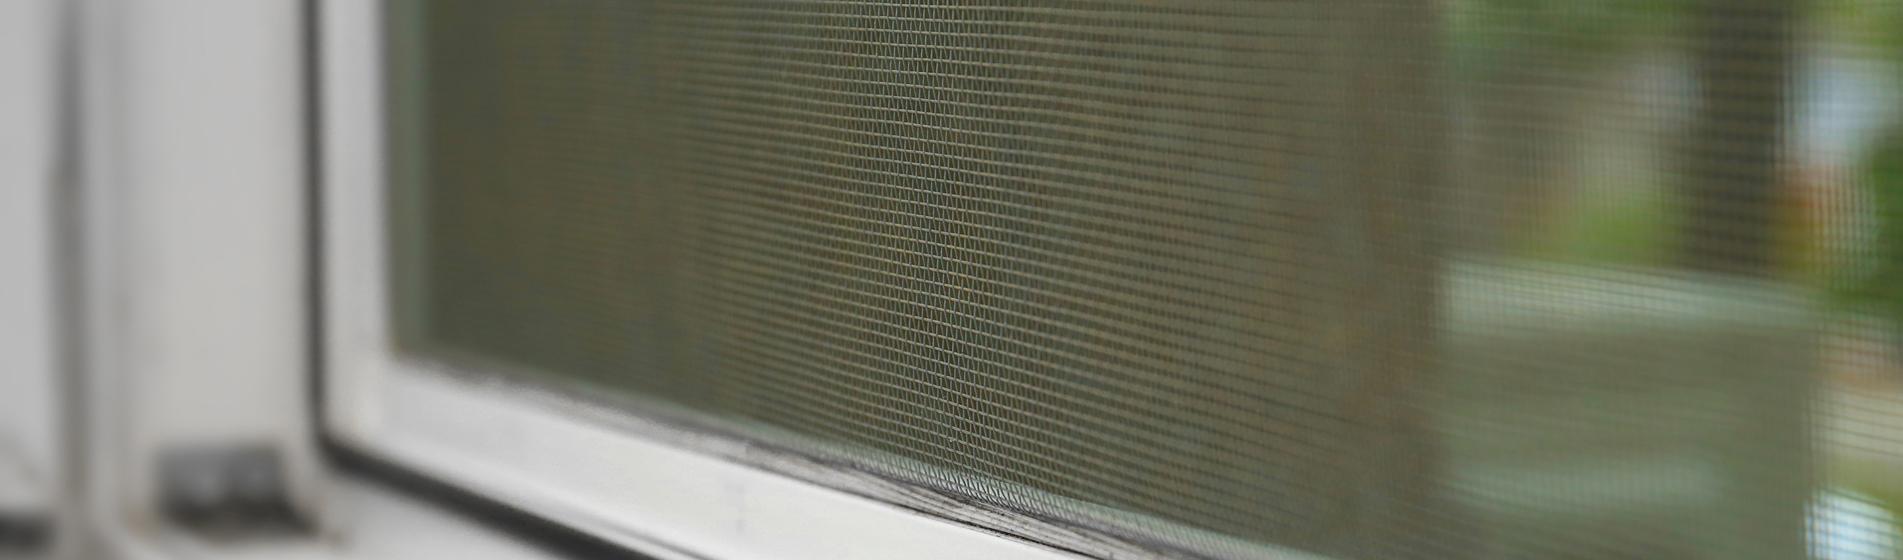 installer moustiquaire porte d'entrée 13650